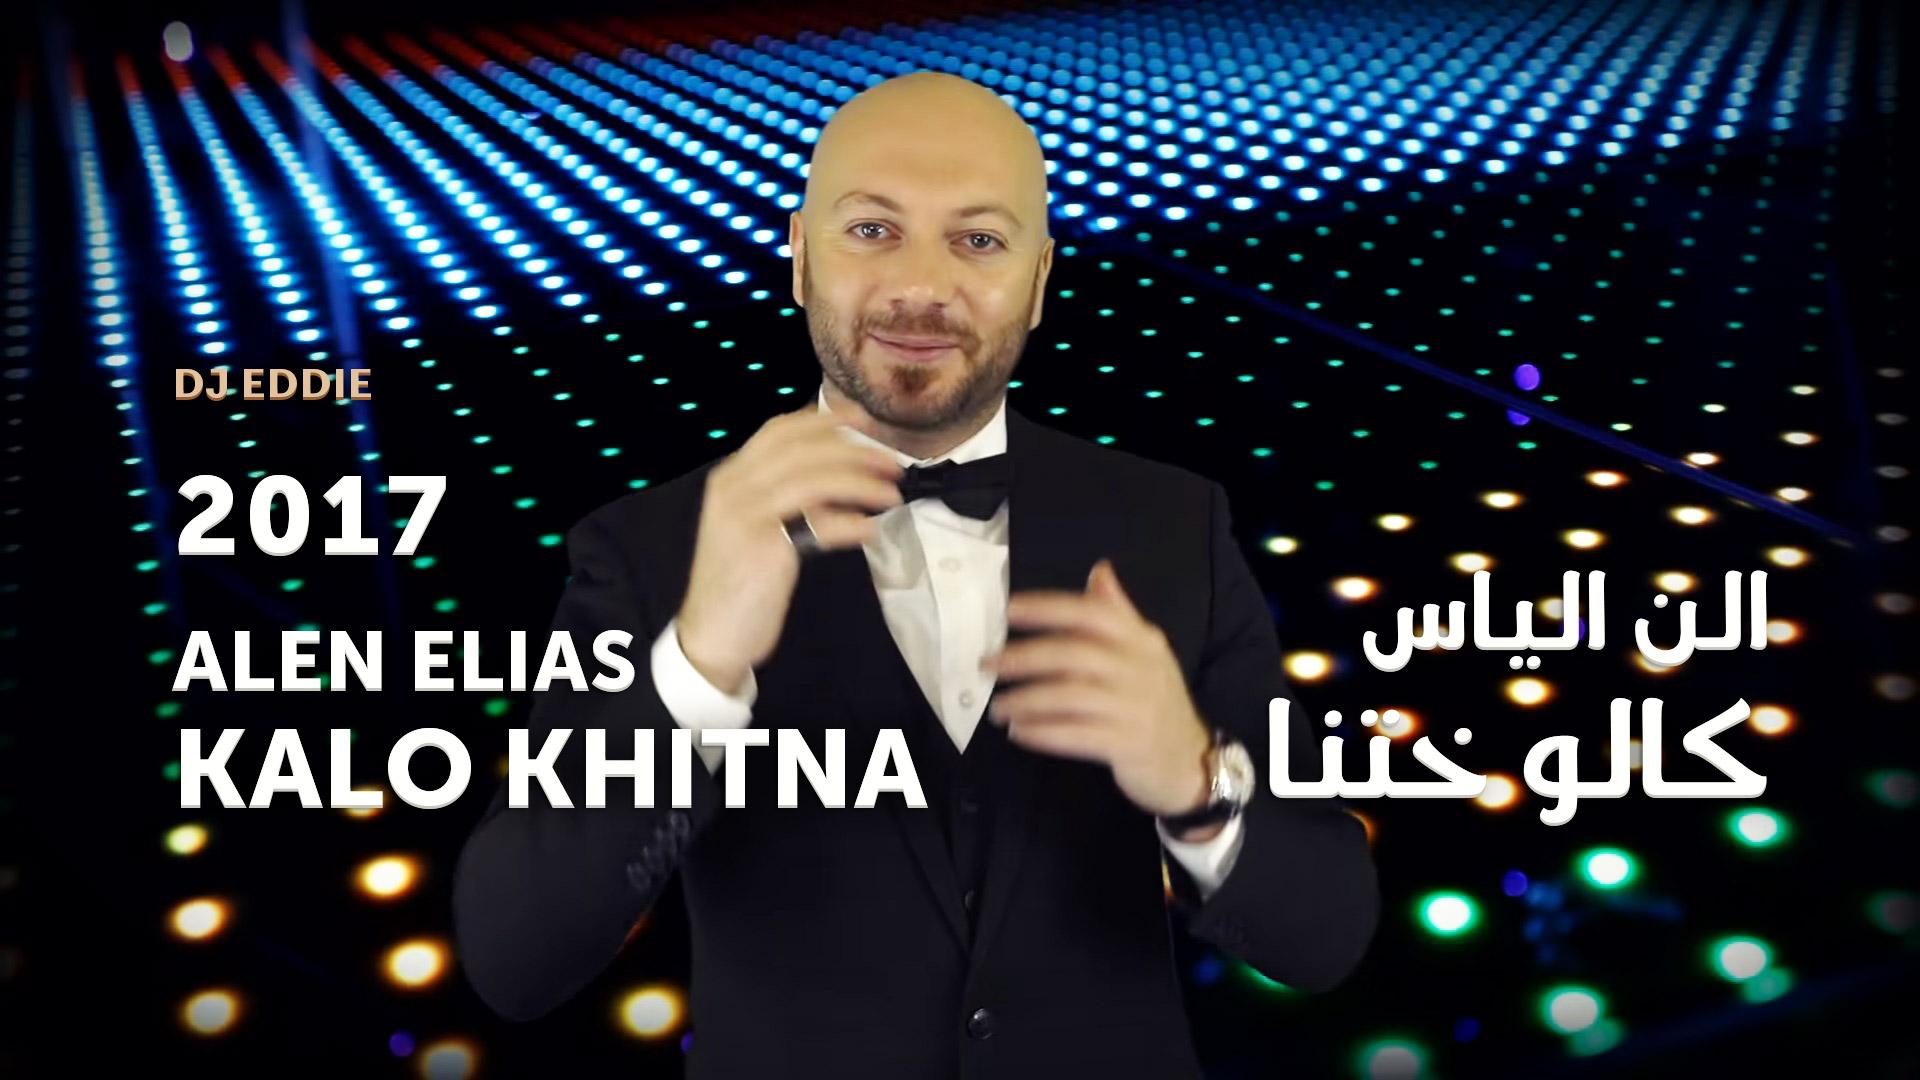 Alen Elias - Kalo Khitna الن الياس – كالو ختنا